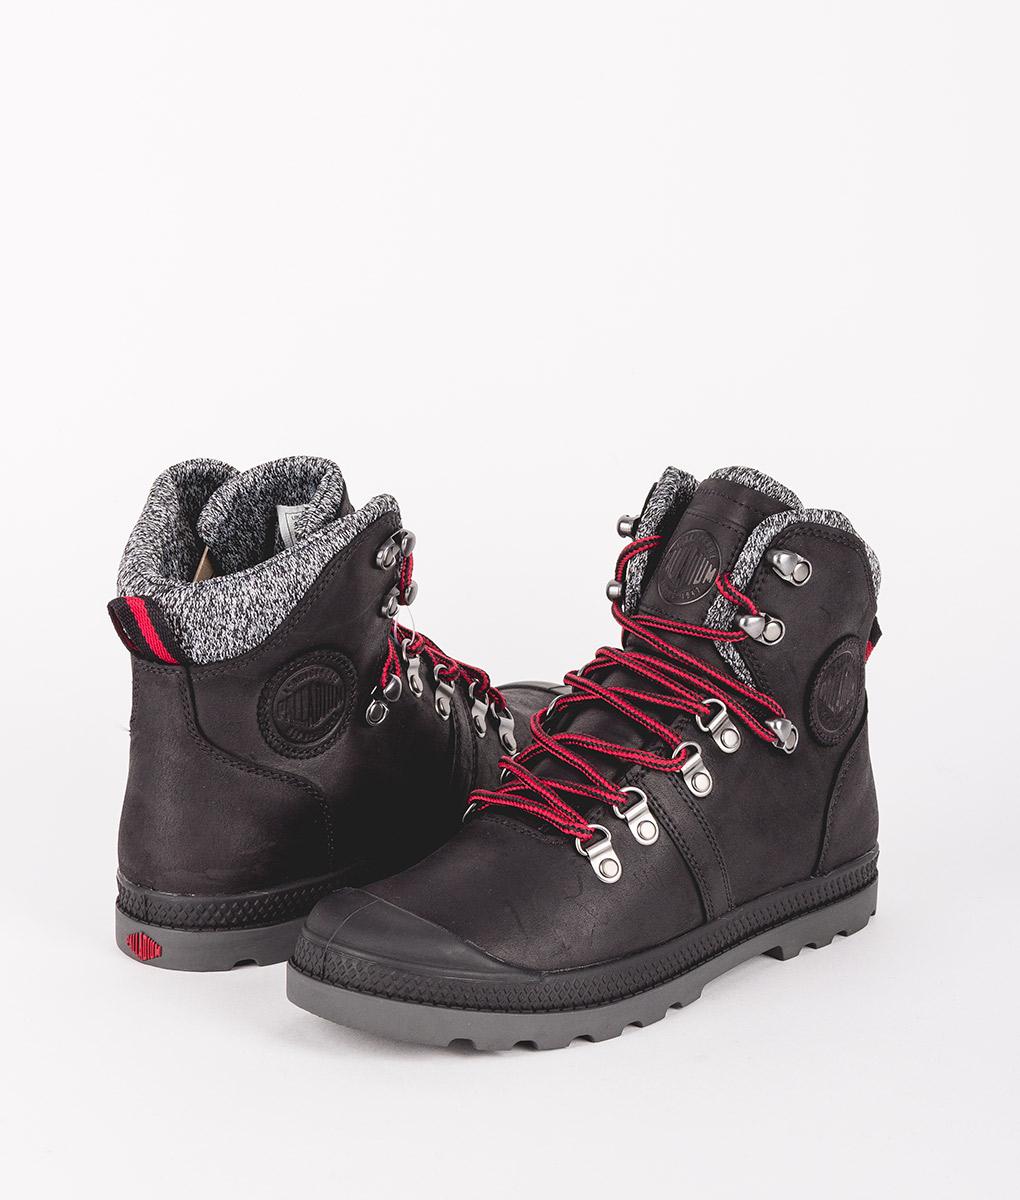 springa skor försäljning återförsäljare ser bra ut försäljning PALLADIUM Women Ankle Boots 95140 PALLABROUSE HIKR LP,Black Red ...